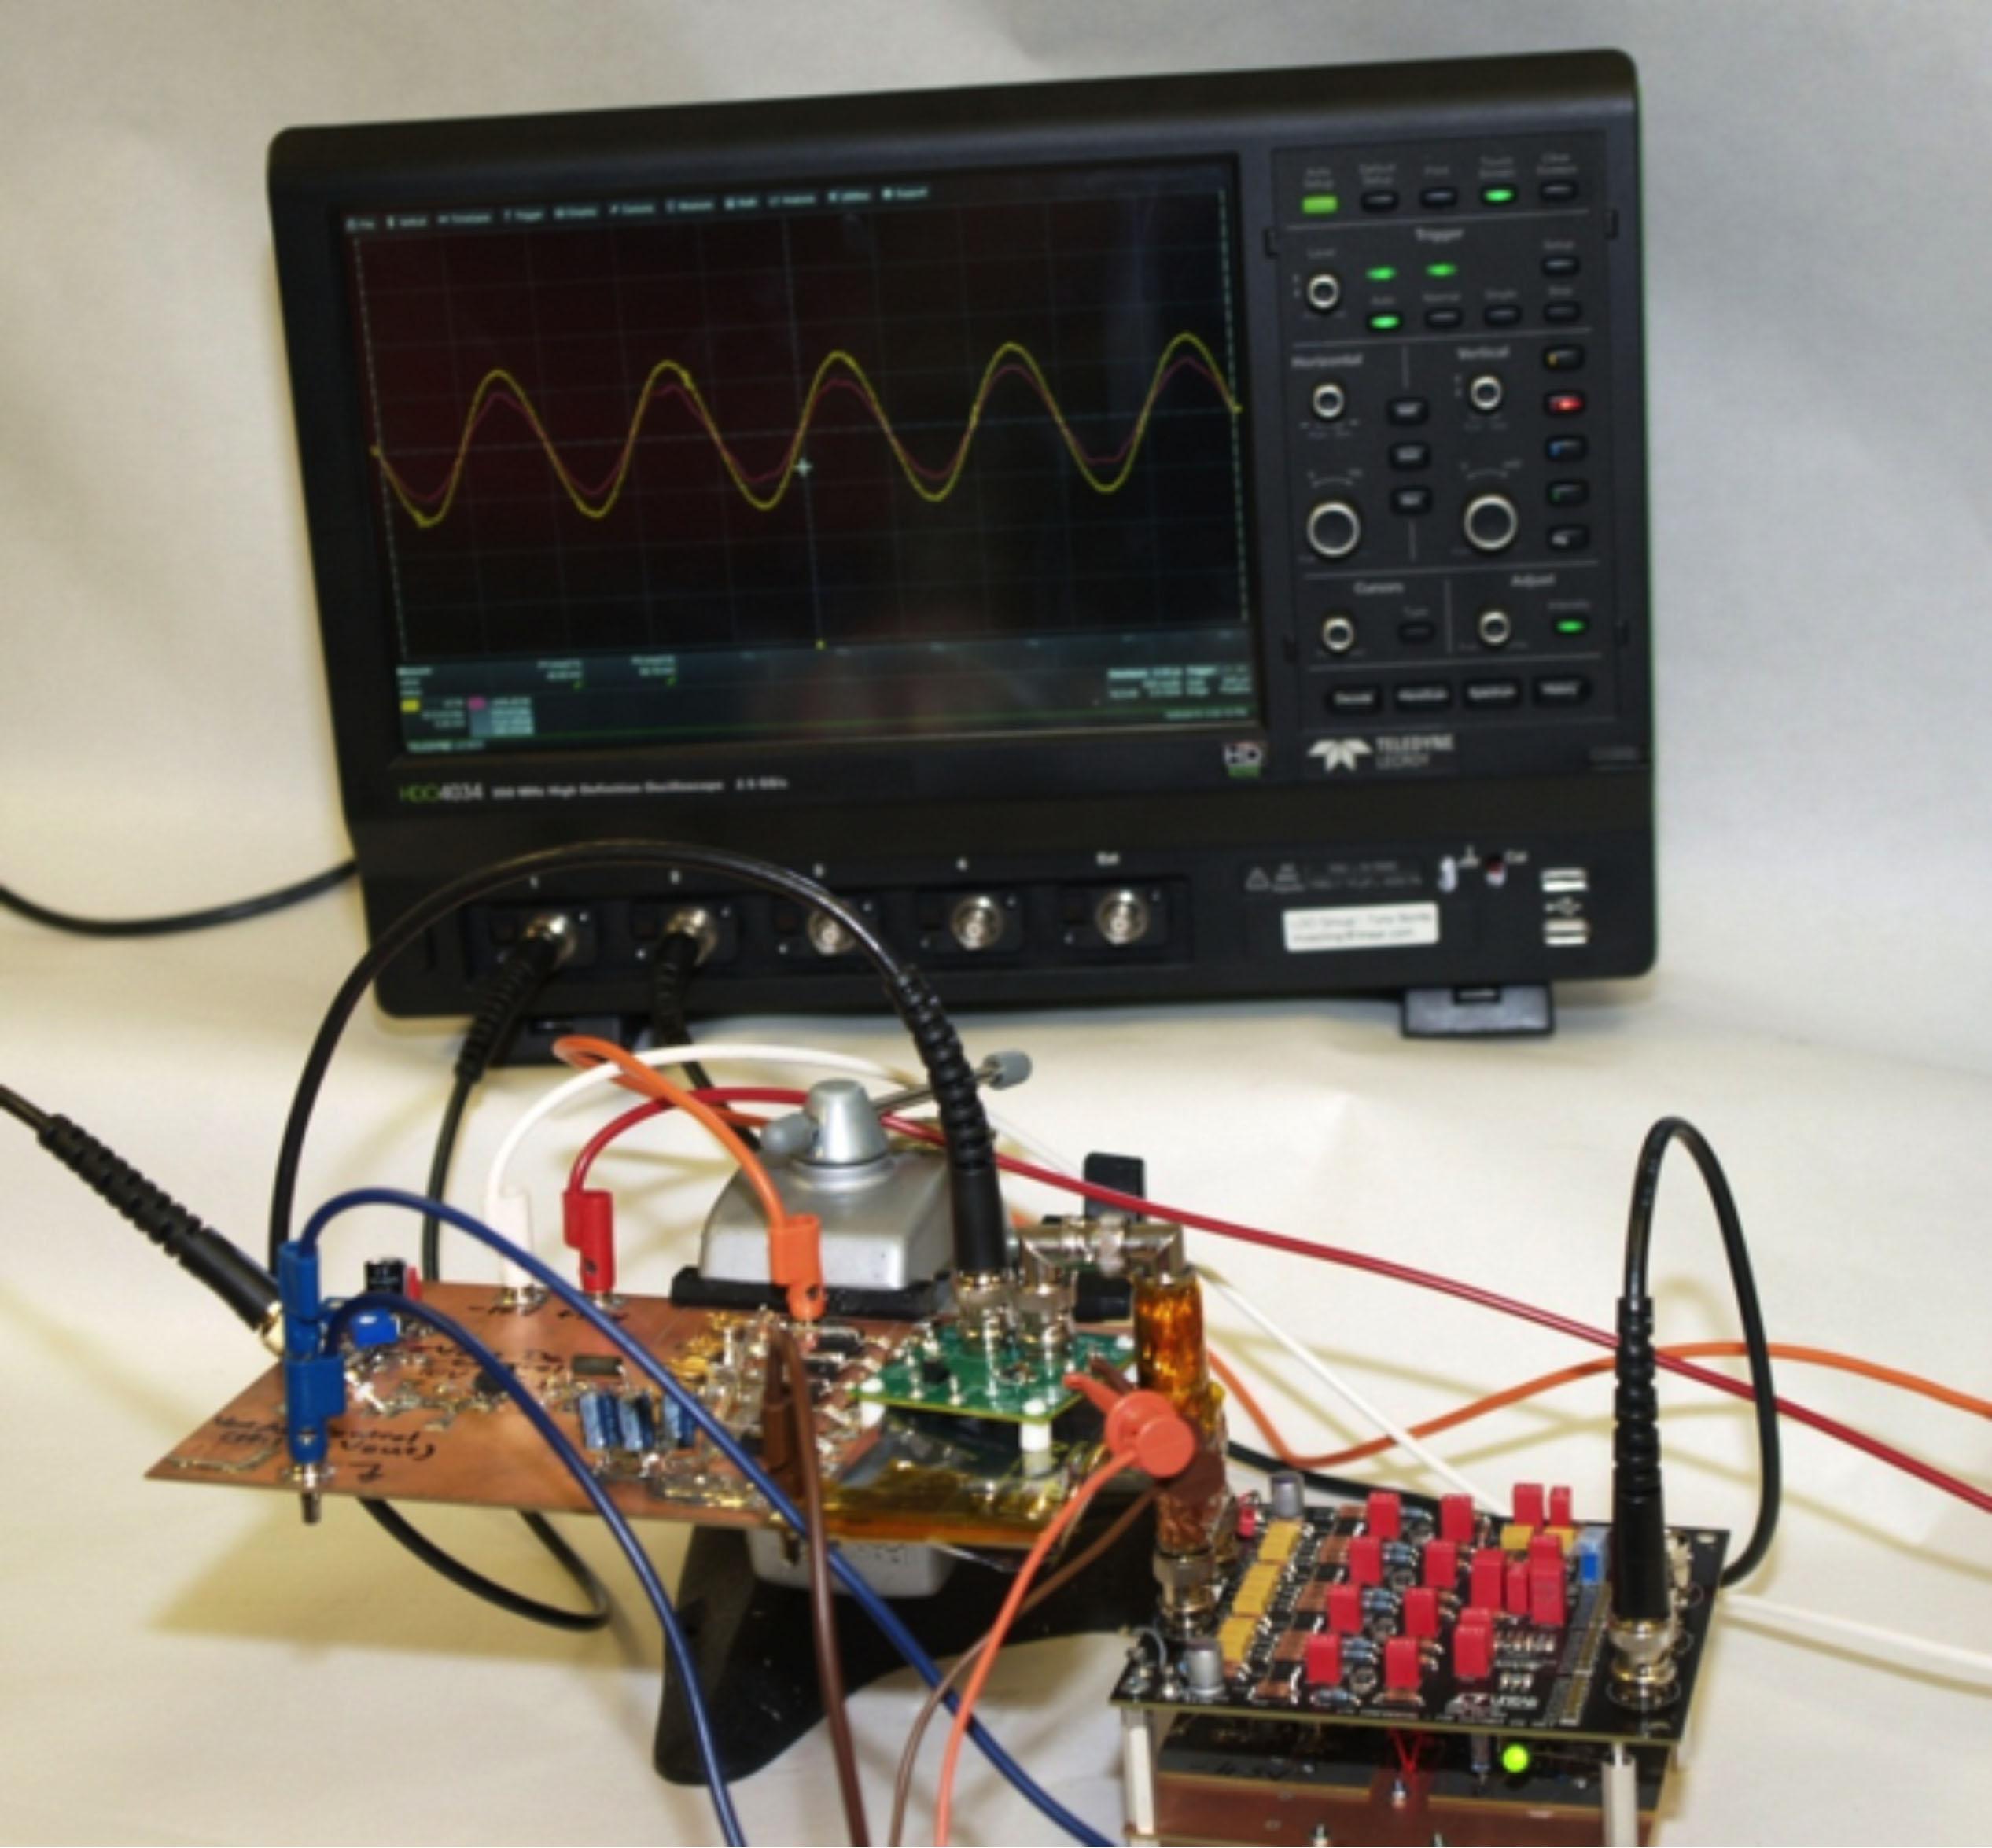 Figura 17. Configurazione per misure di reiezione di segnali dell'alimentatore. Scheda di pilotaggio e dispositivo in prova in basso a sinistra, scheda dell'amplificatore in basso a destra. Alimentatori e generatore di segnale non illustrati.